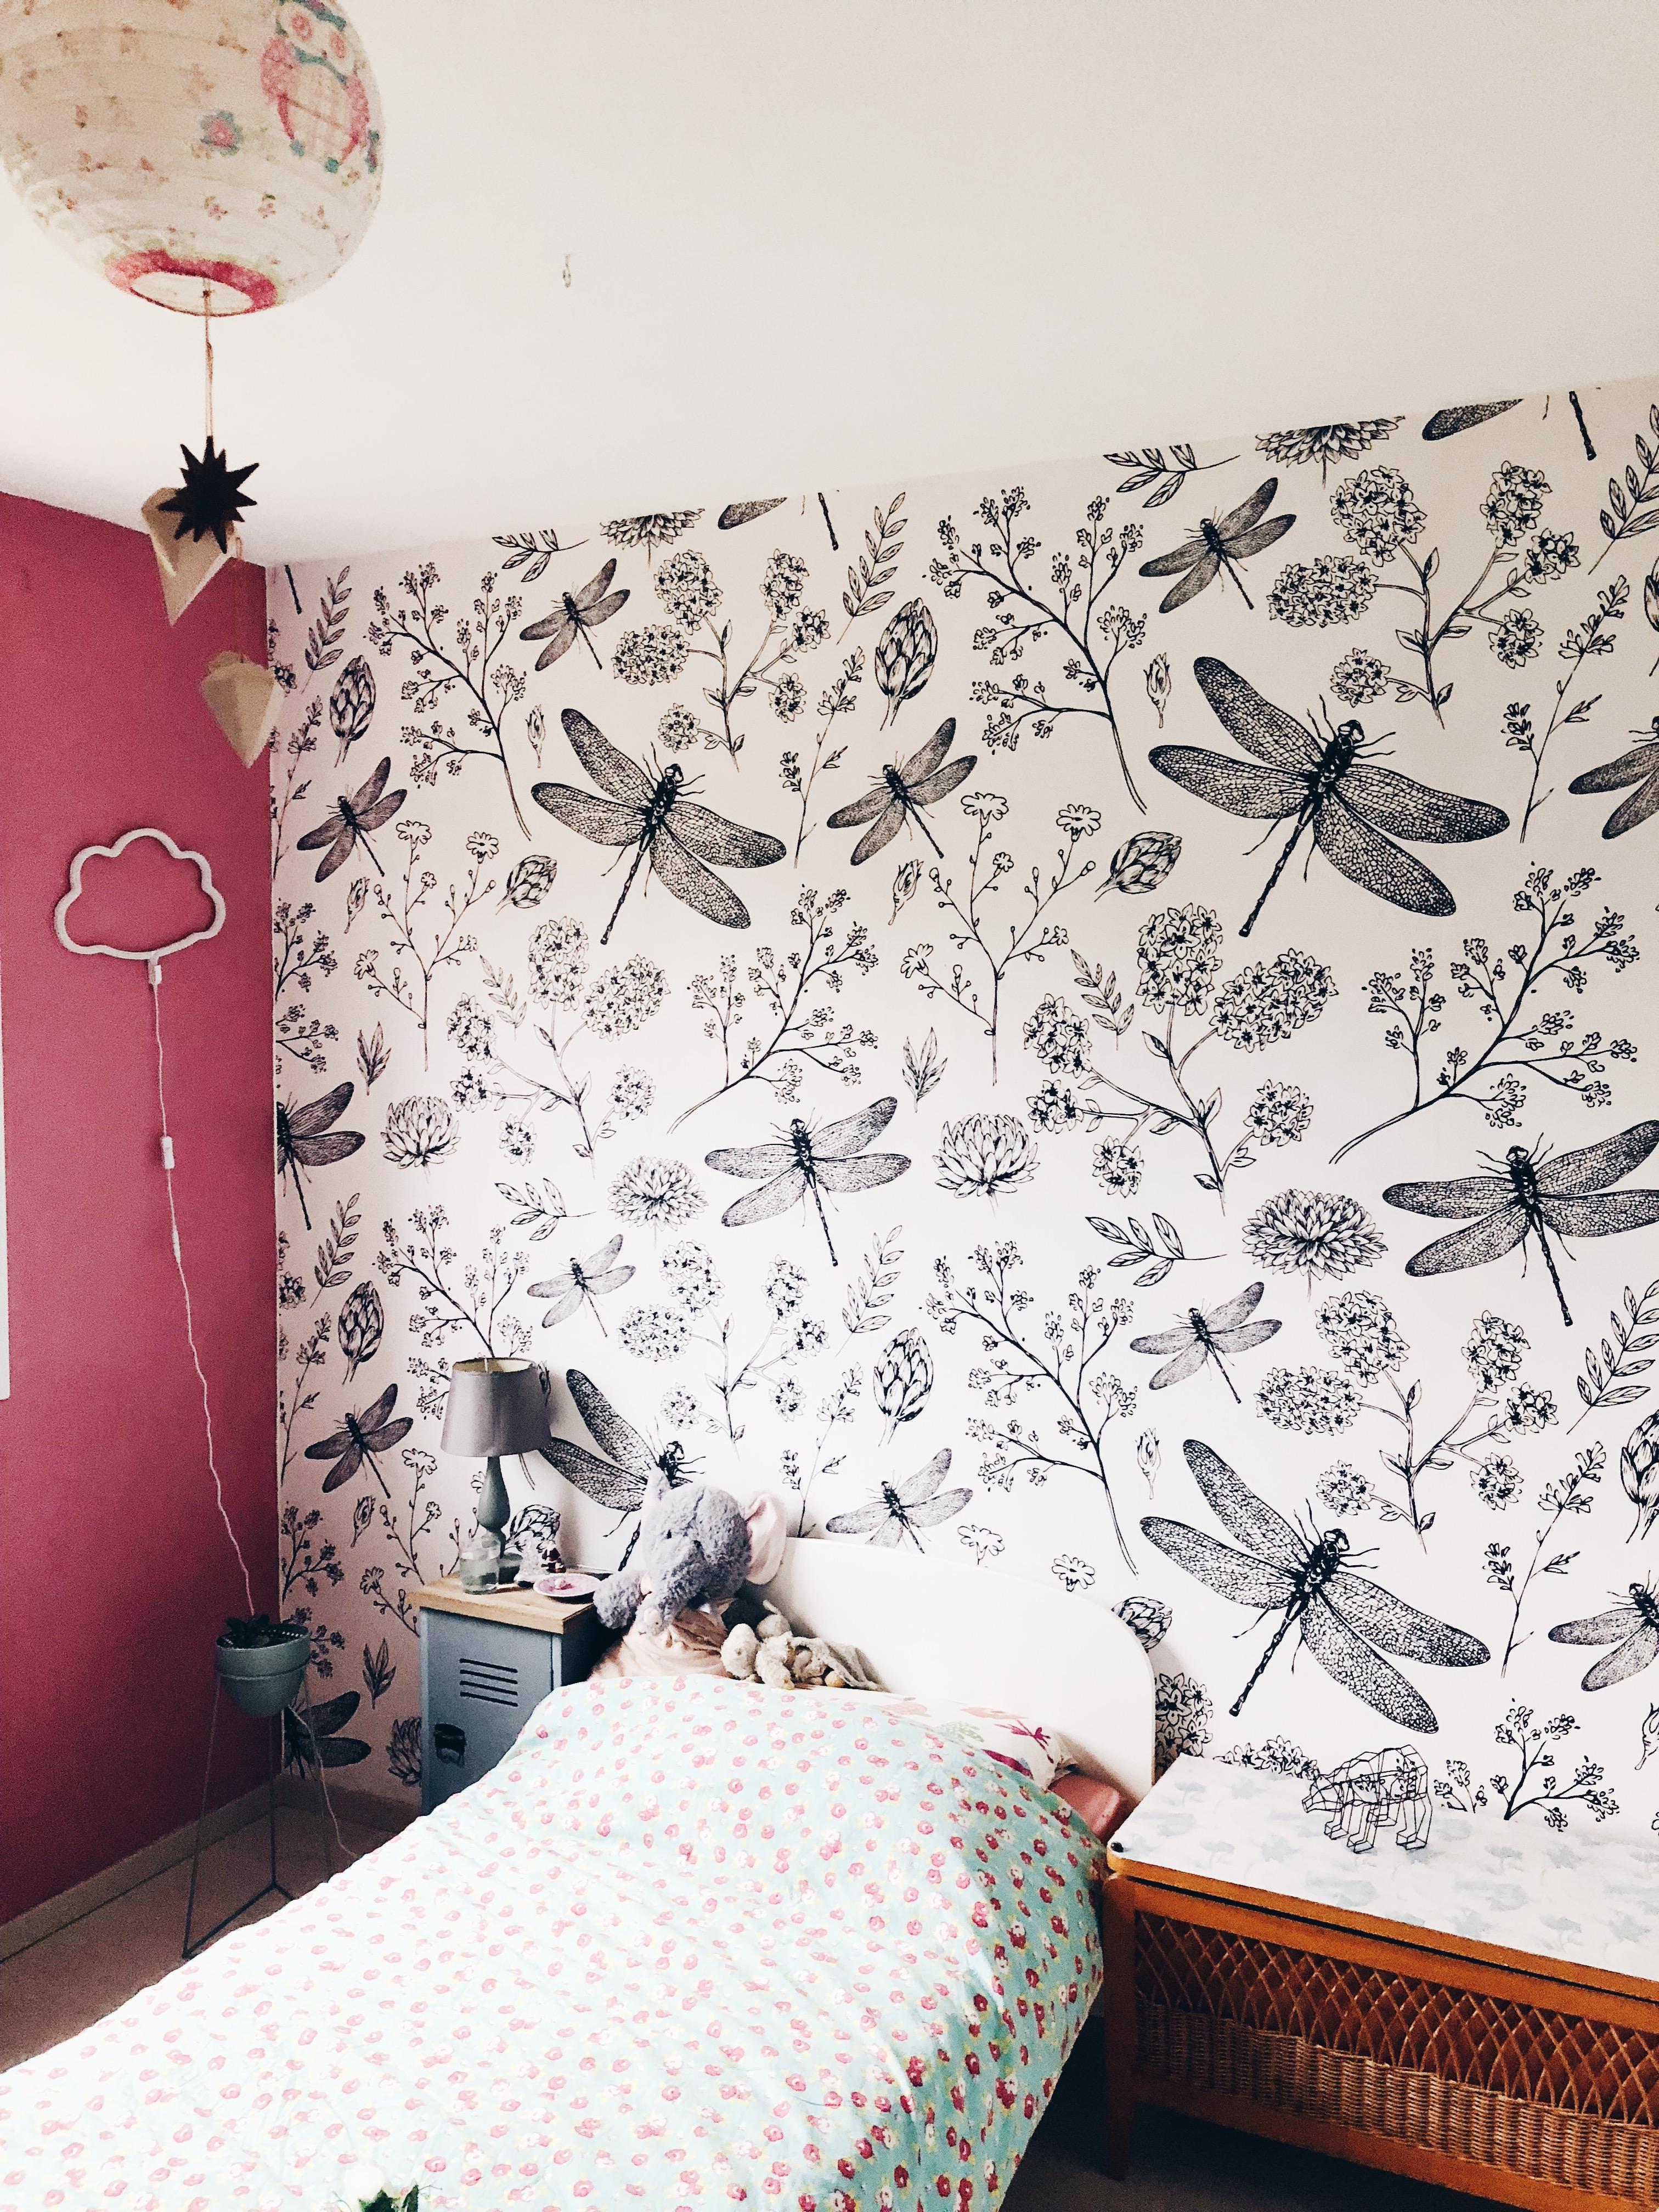 Une fresque murale végétale dans sa chambre de petite fille